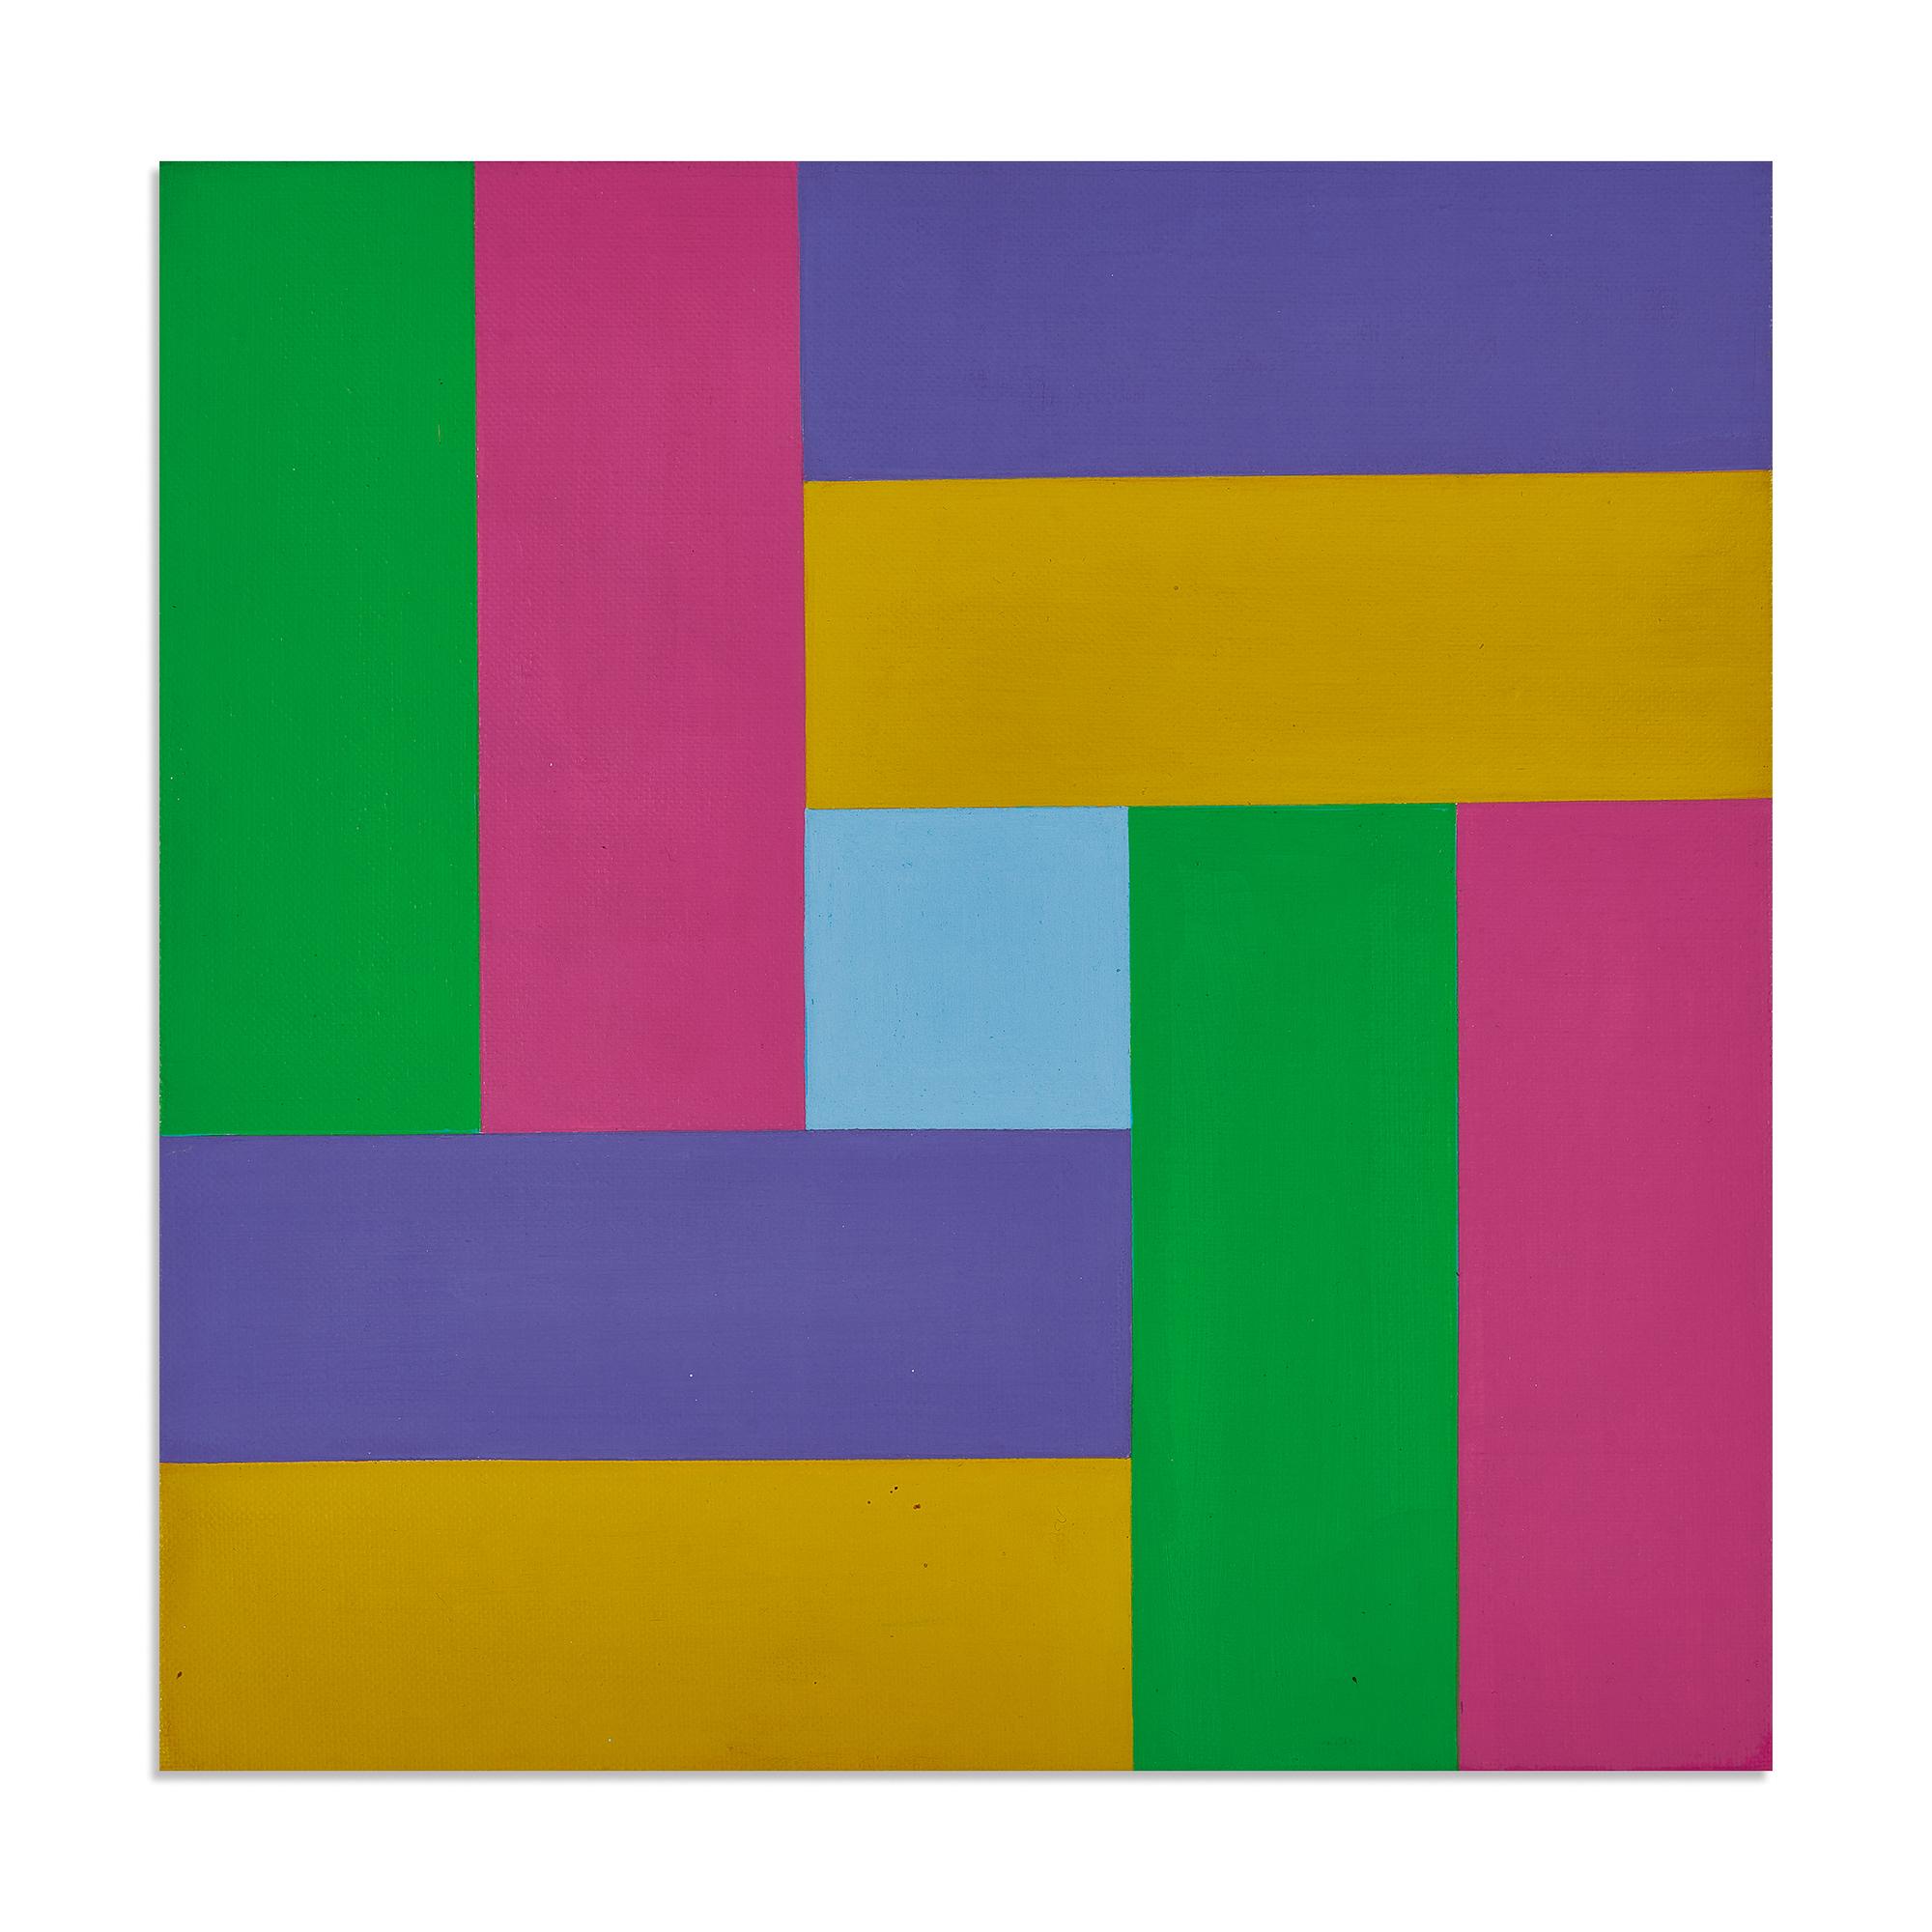 Lohse Richard Paul, Farbgruppen um ein hellblaues Zentrum